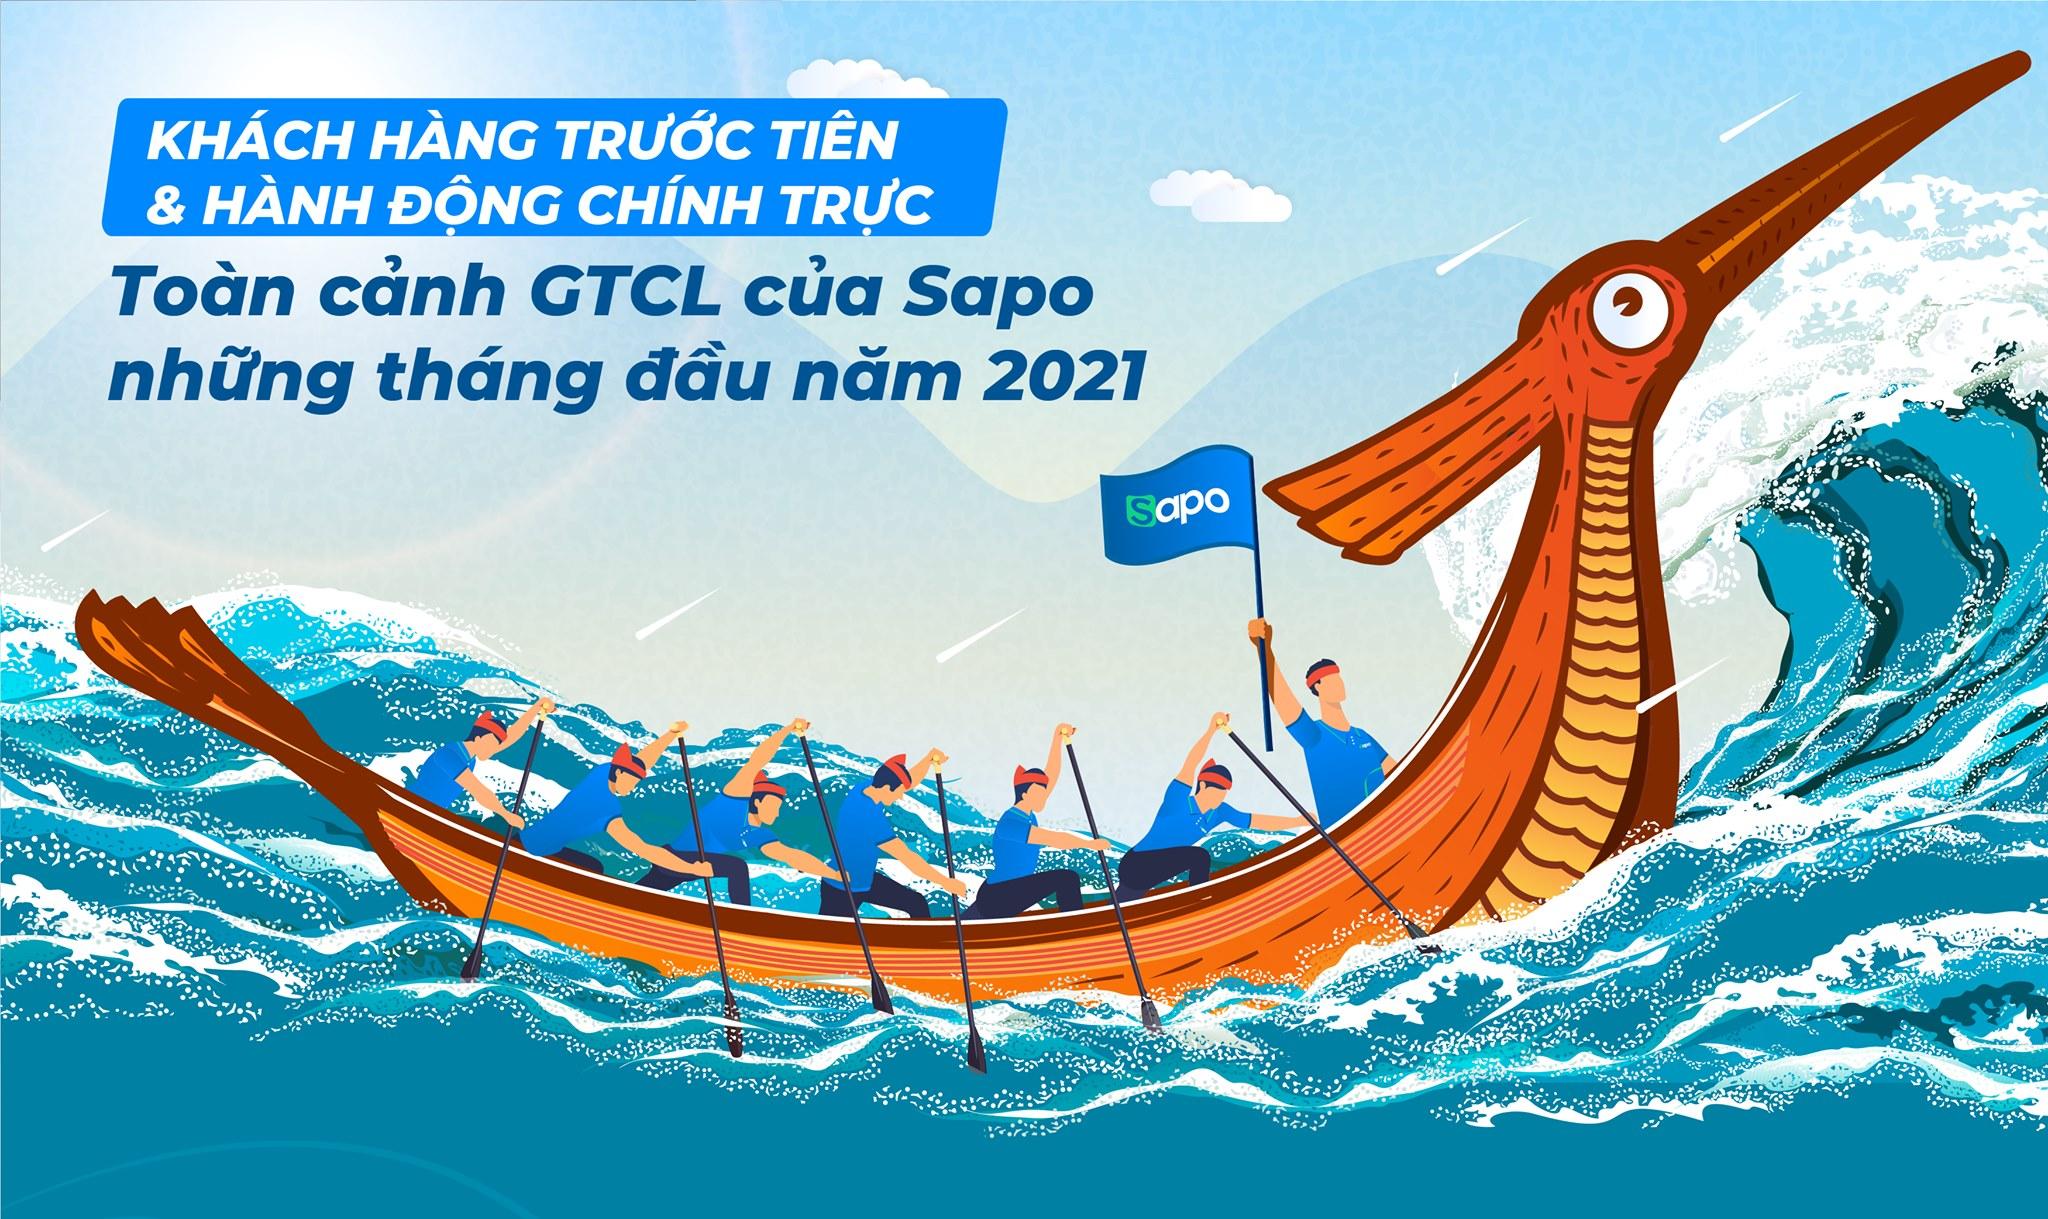 Khách hàng trước tiên & Hành động chính trực - Toàn cảnh GTCL của Sapo những tháng đầu năm 2021